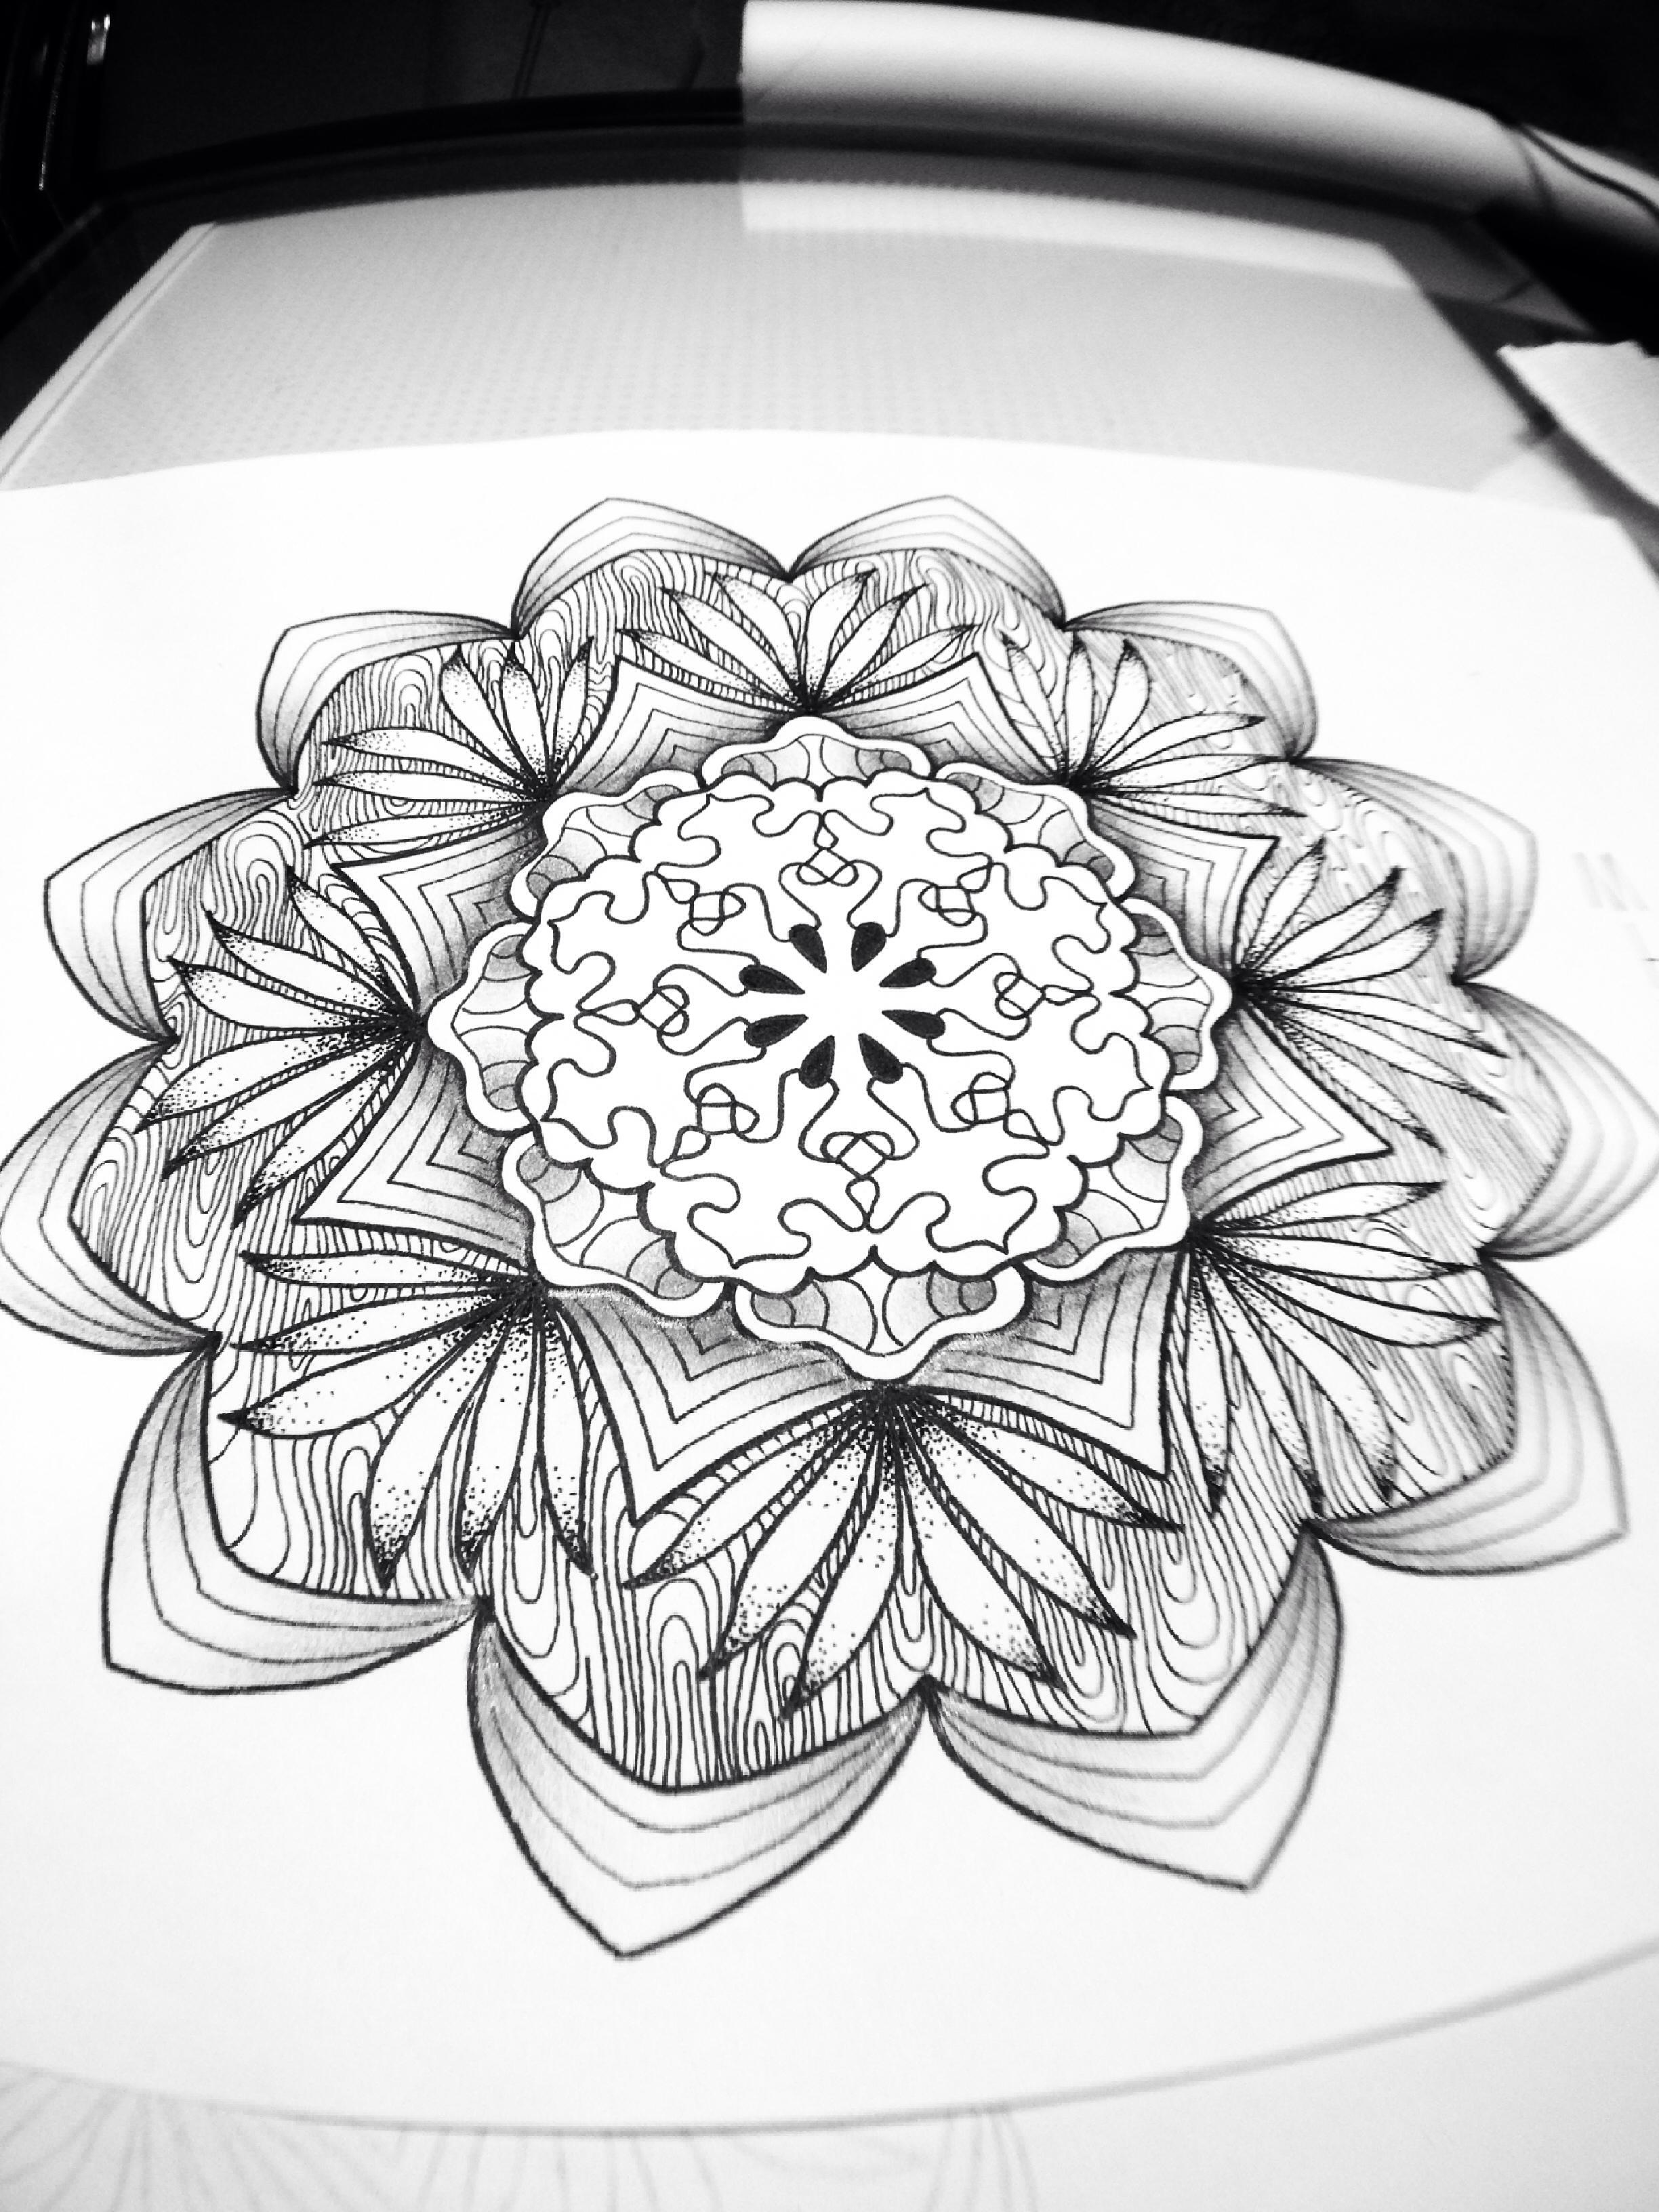 2448x3264 Art, Line Work, Dot Work Art Tattoos Paint Photo